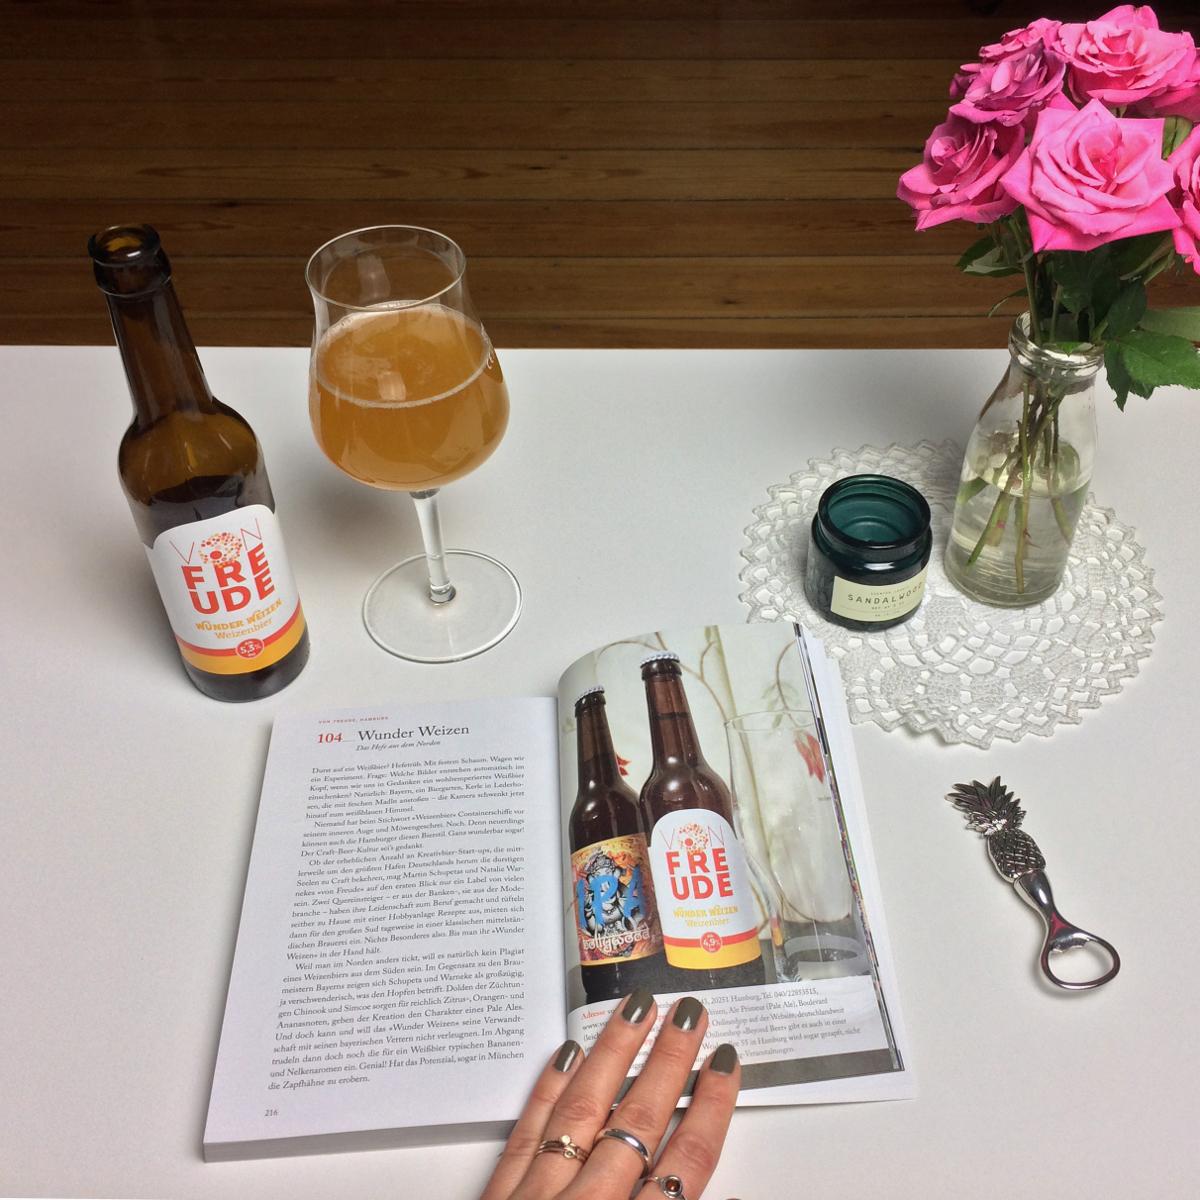 Bierführer Craft Bier mit Wunder Weizen